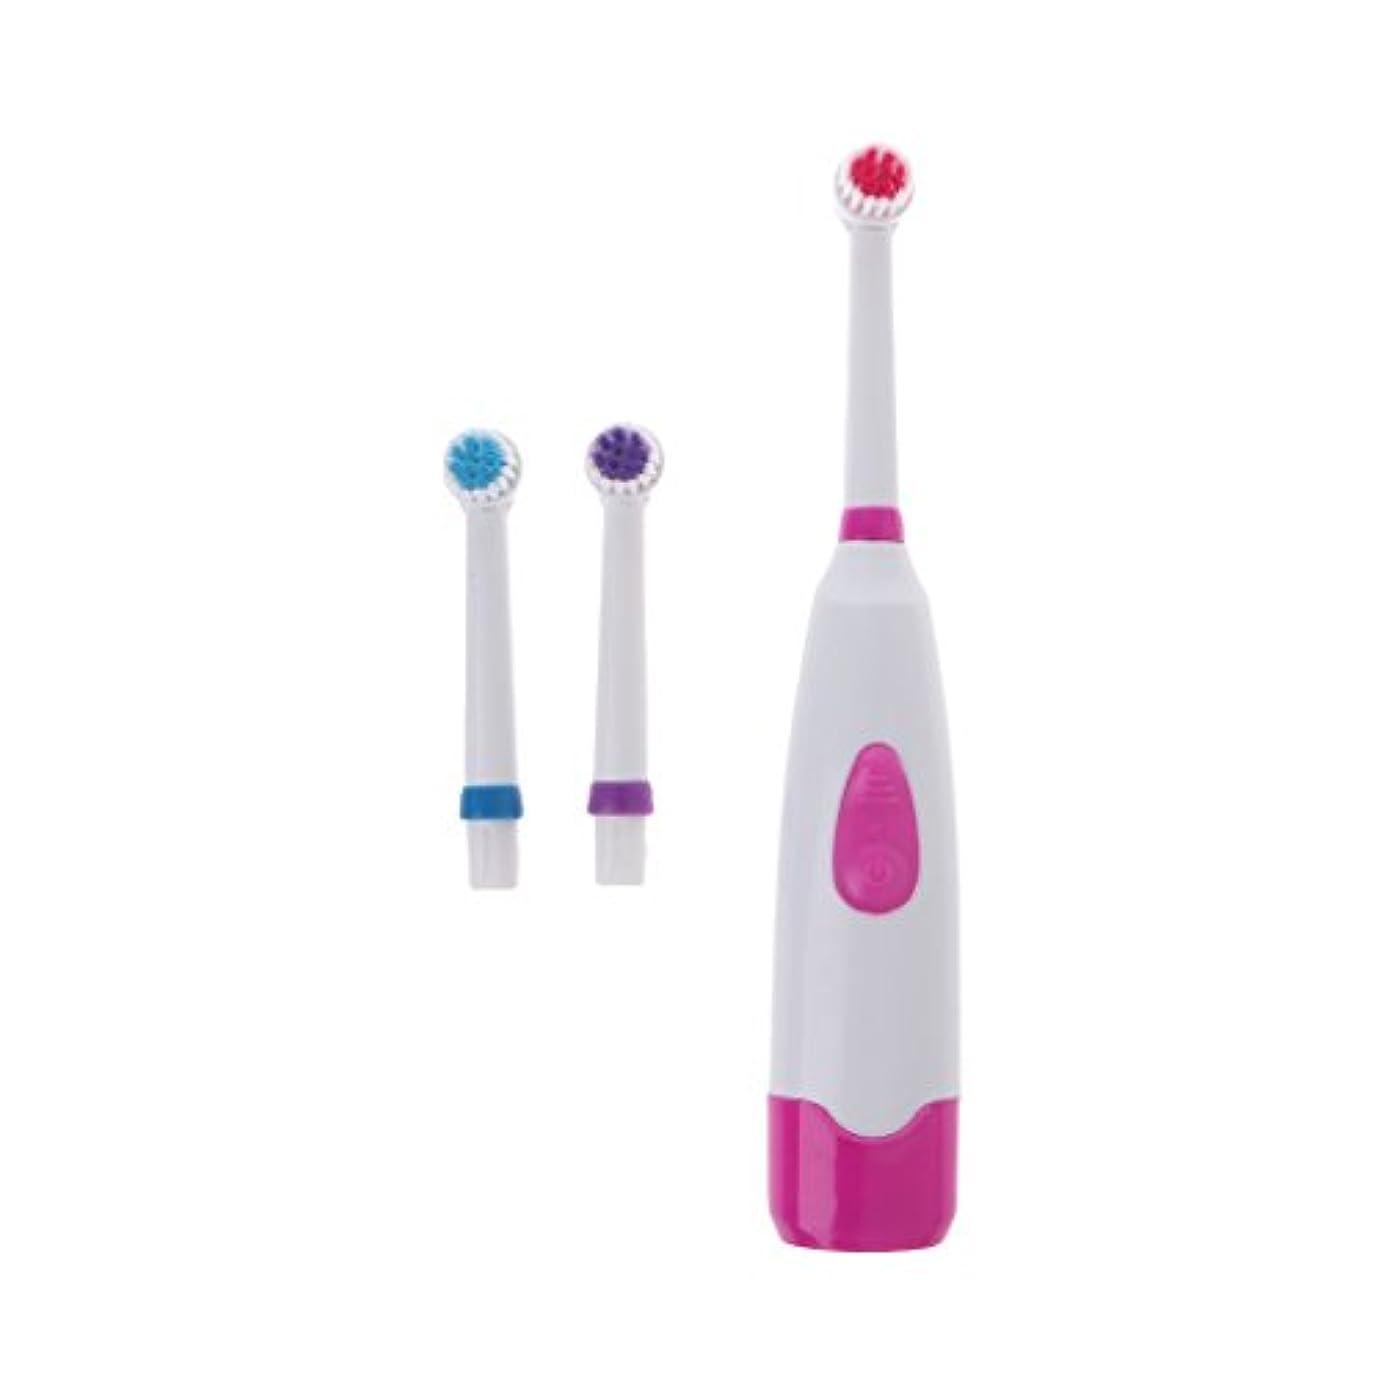 修復穿孔するジーンズManyao 3ブラシヘッドで防水回転電動歯ブラシ (ピンク)